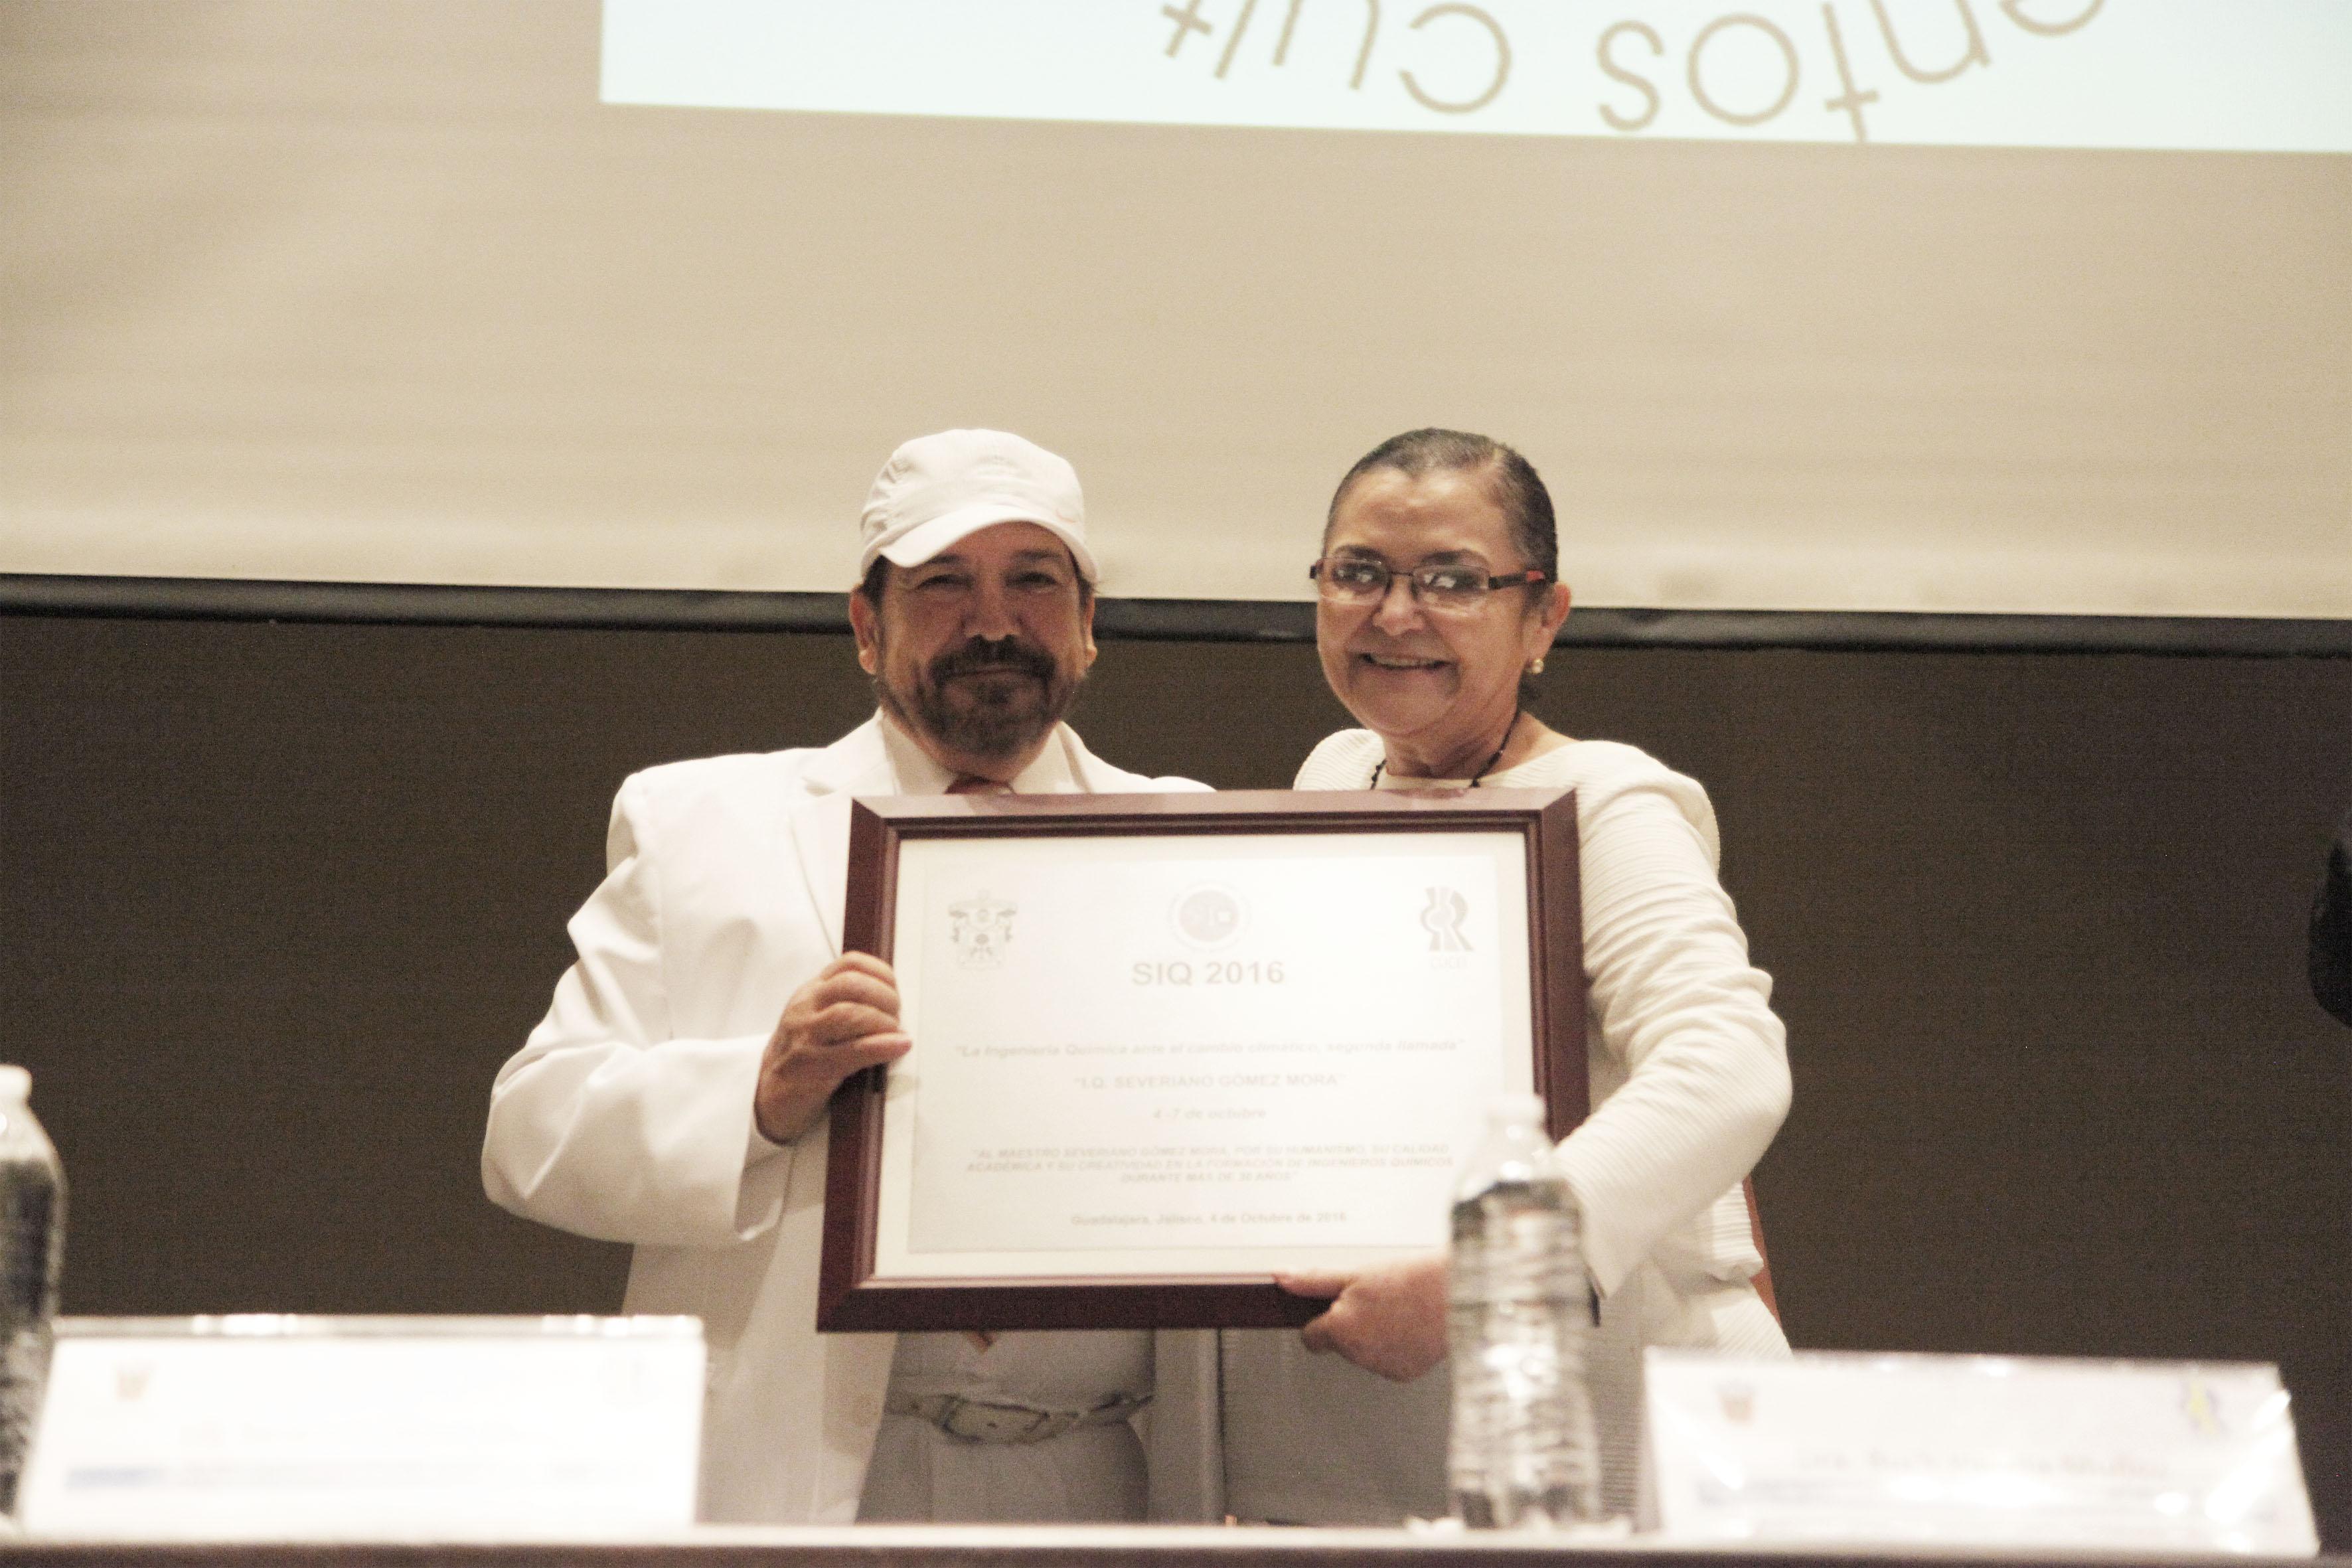 Ingeniero Severiano Gómez Mora, profesor de la carrera de Química y Doctora Ruth Padilla Muñoz, Rectora del CUCEI, mostrando la placa conmemorativa SIQ 2016 y de reconocimiento al profesor.